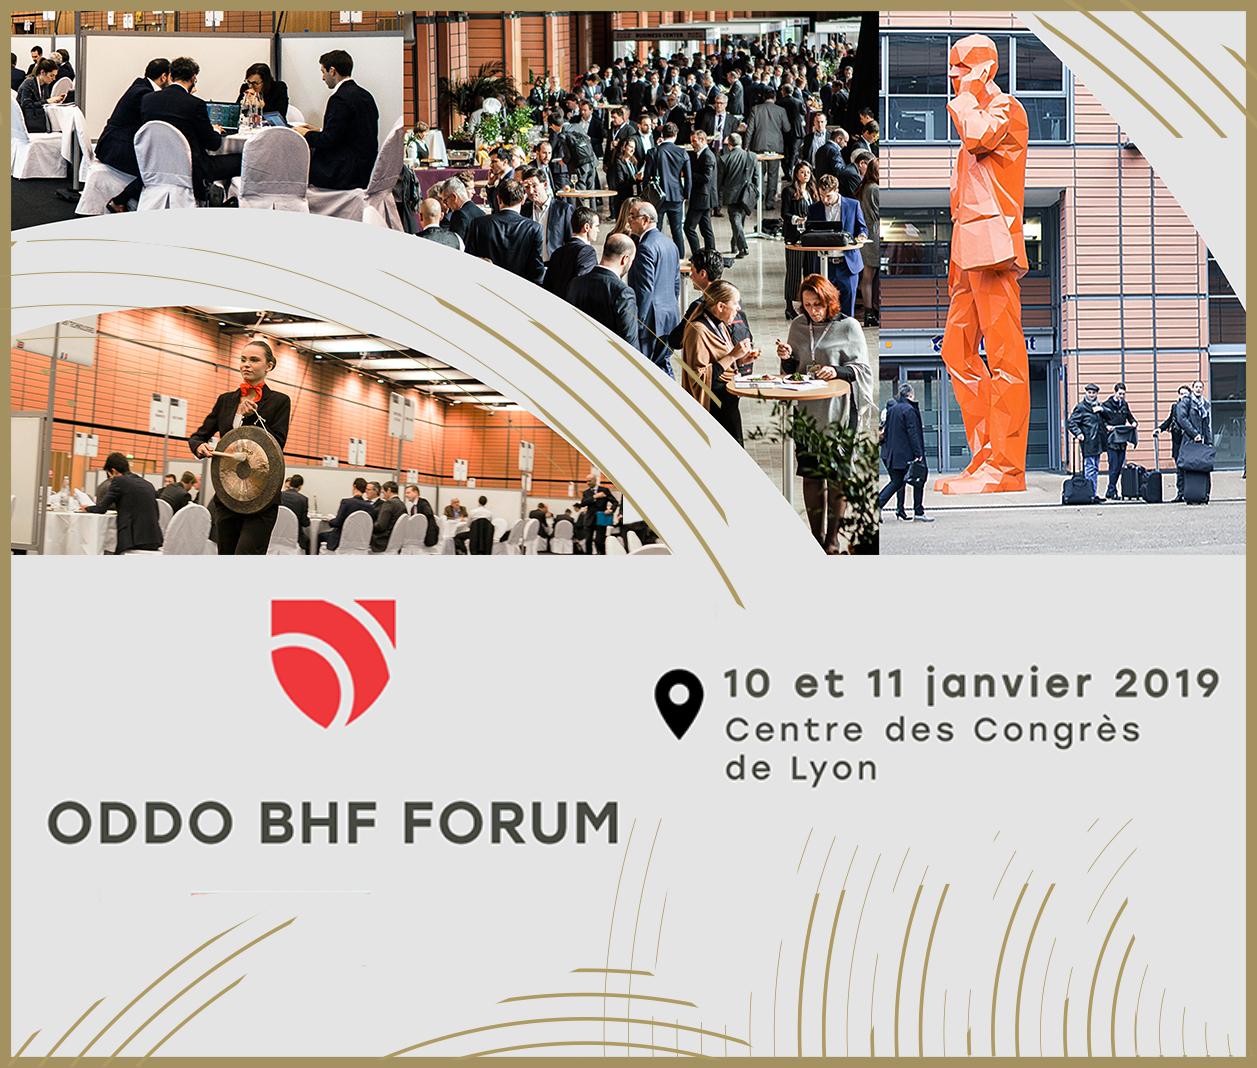 Le ODDO BHF Forum réunit les 10 et 11 janvier 2019 à Lyon 270 sociétés européennes et 560 investisseurs